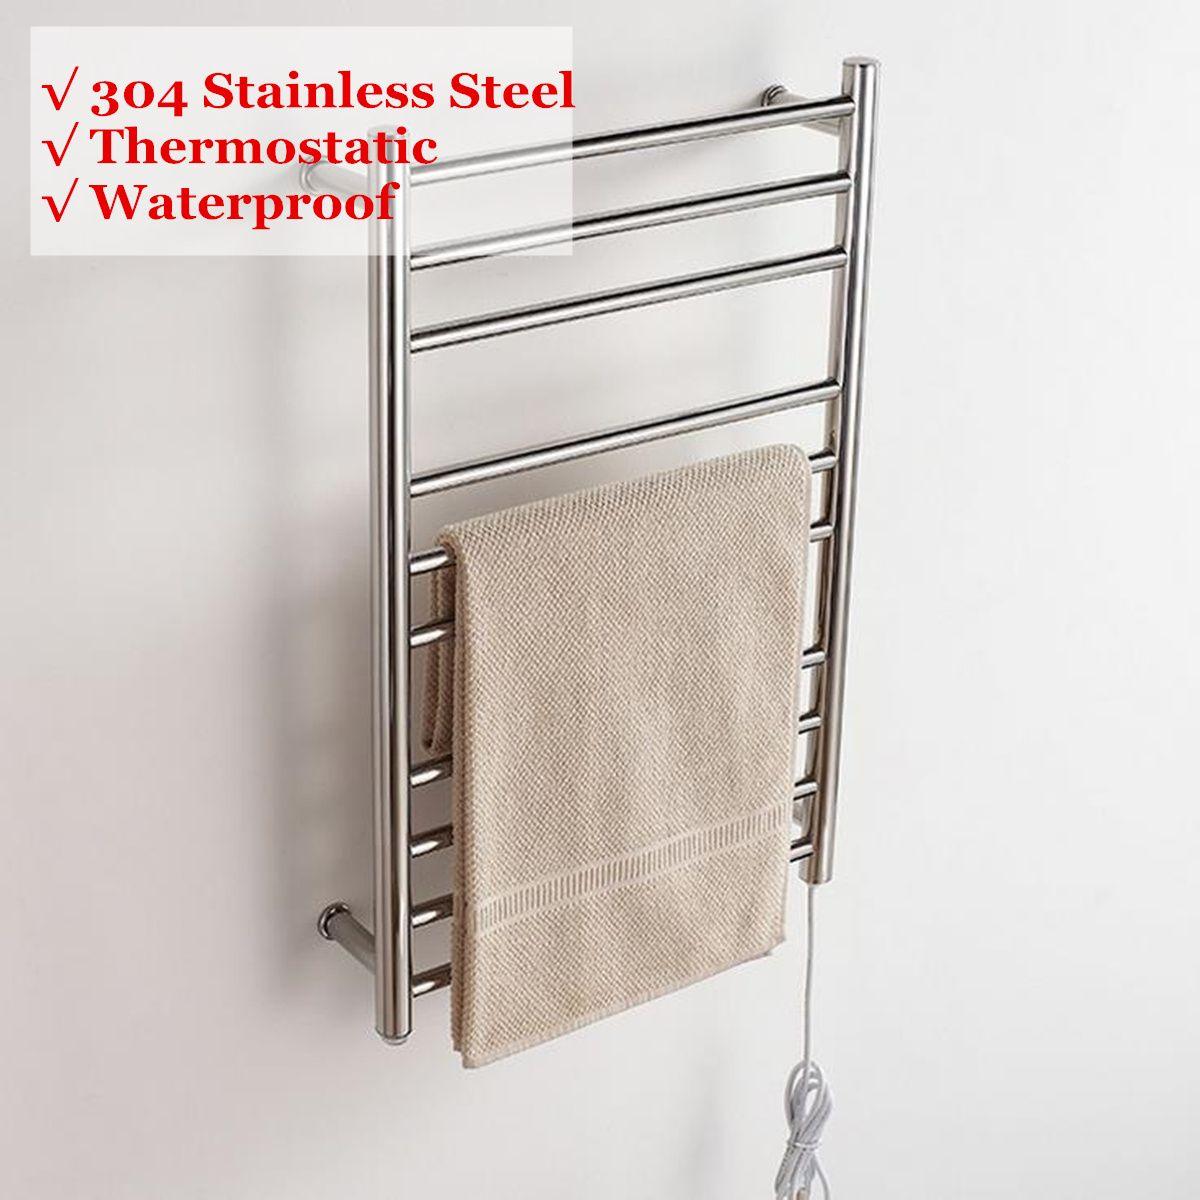 Edelstahl 88 W Elektrische Beheizten Wand Handtuch Wärmer Home Bad Zubehör Handtuch Trockner Racks Erhitzt Handtuch Schiene